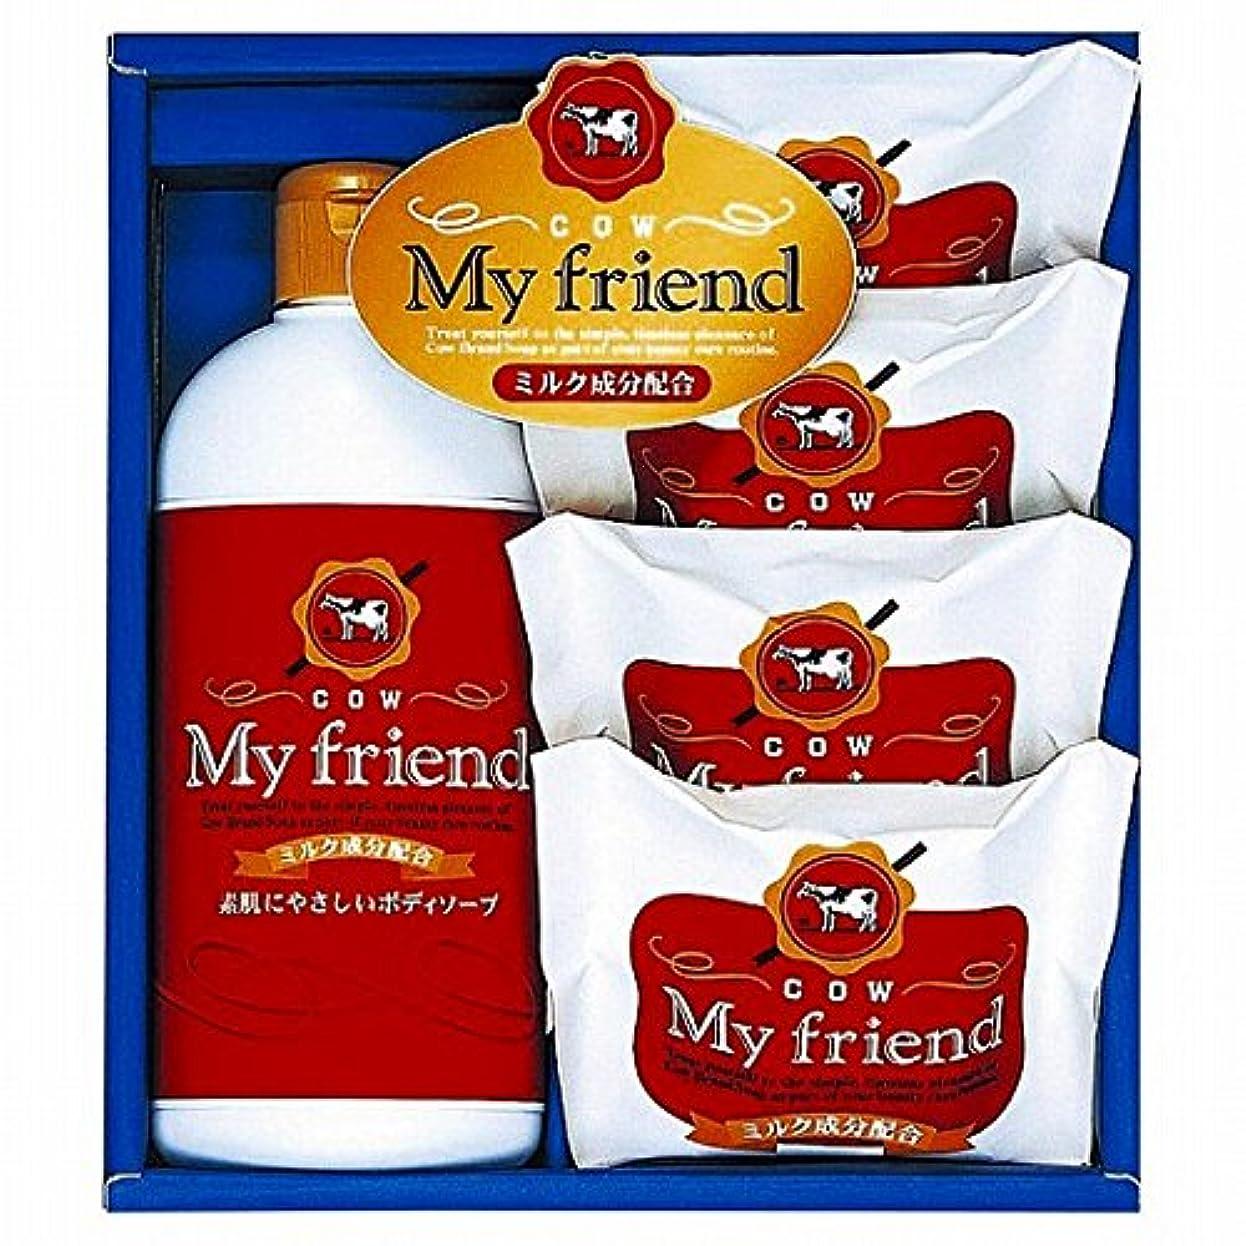 腰森静けさnobrand 牛乳石鹸 マイフレンドボディソープセット (21940007)